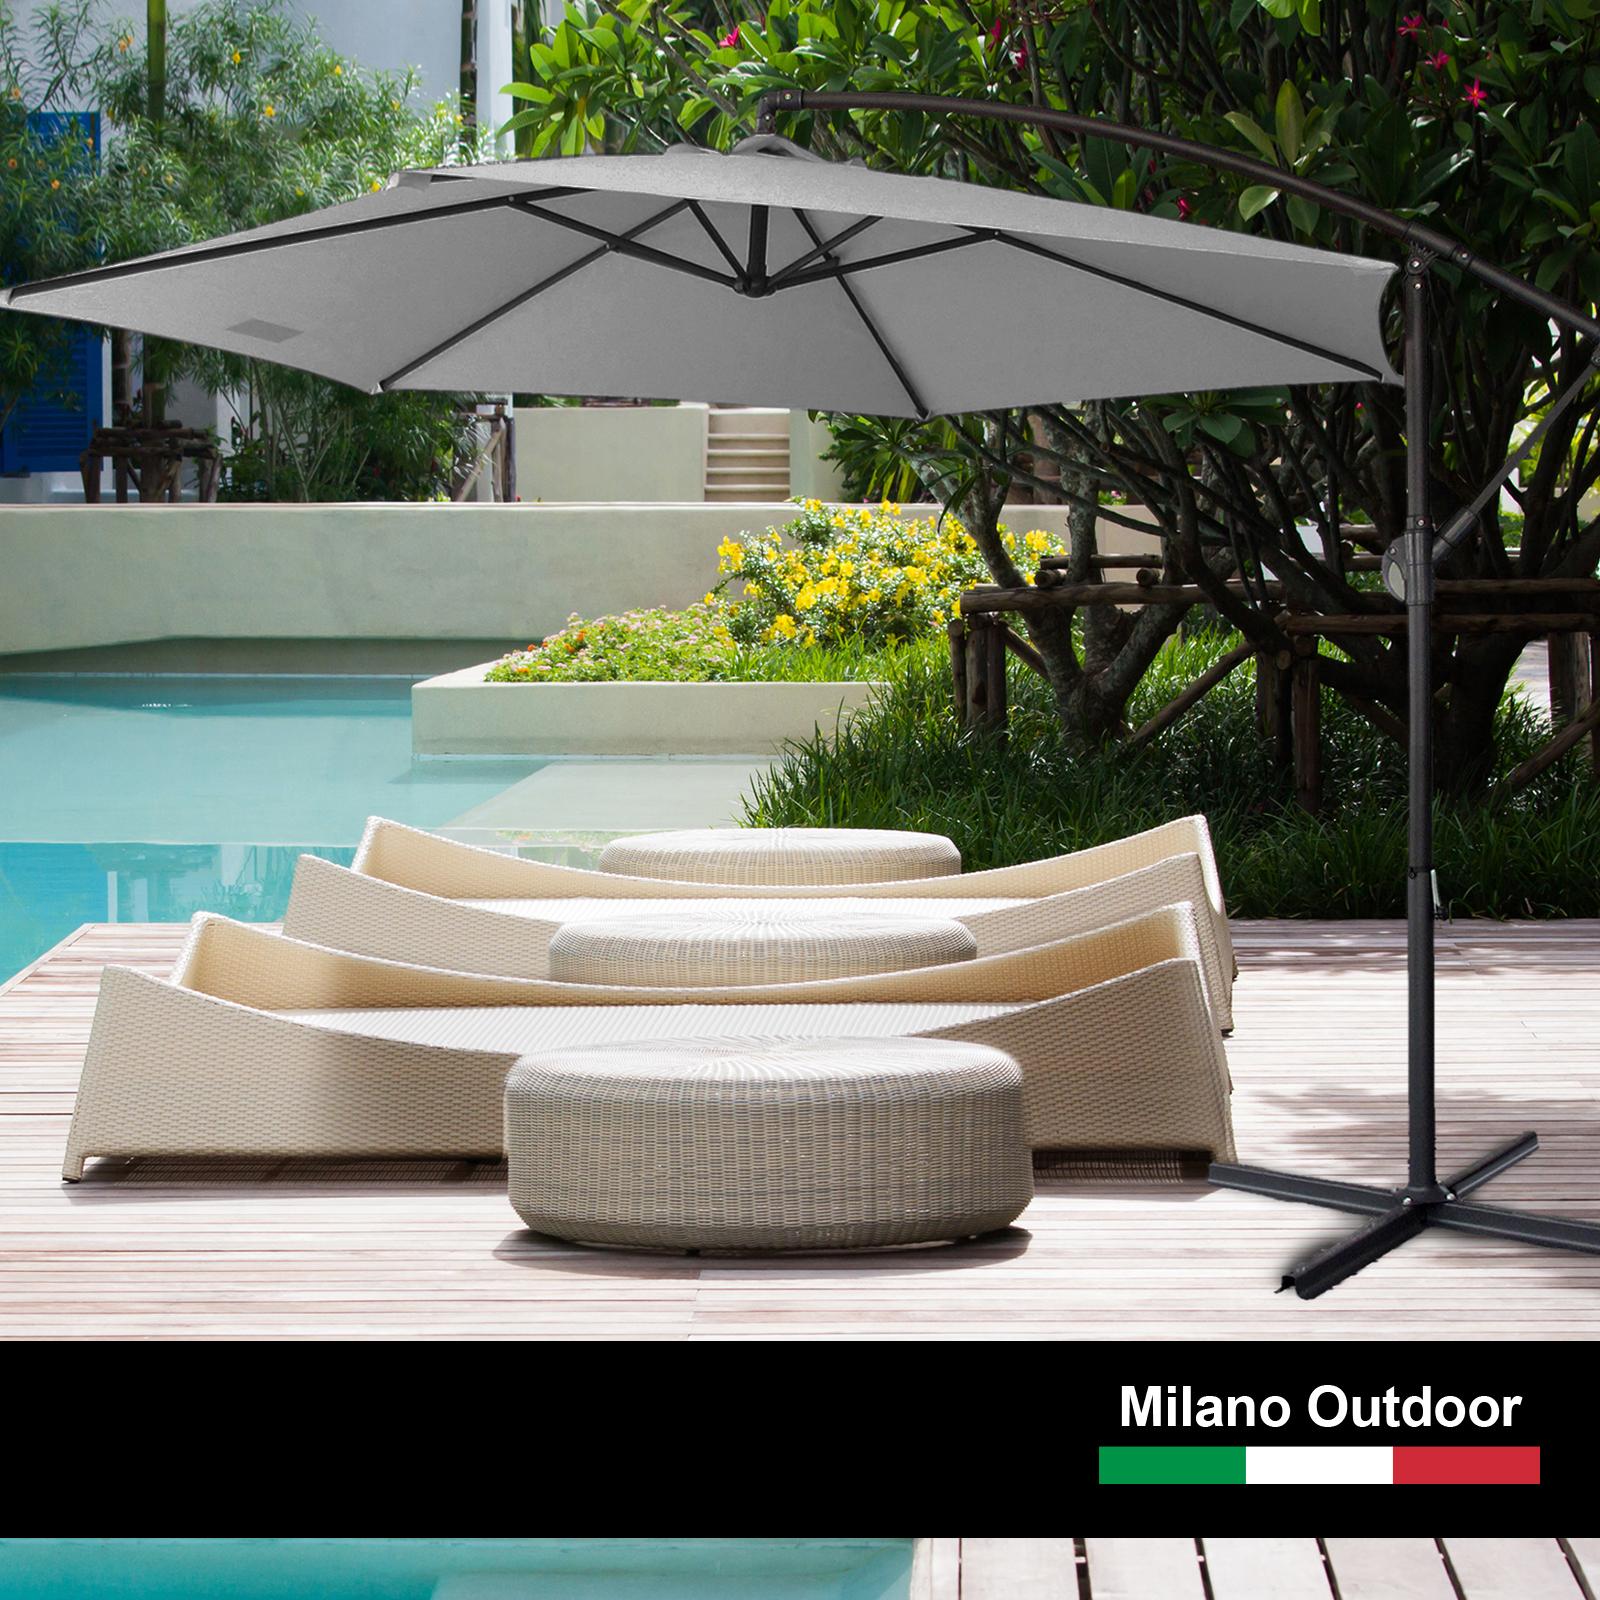 thumbnail 41 - Milano Outdoor 3 Metre Cantilever Umbrella UV Sunshade Garden Patio Deck